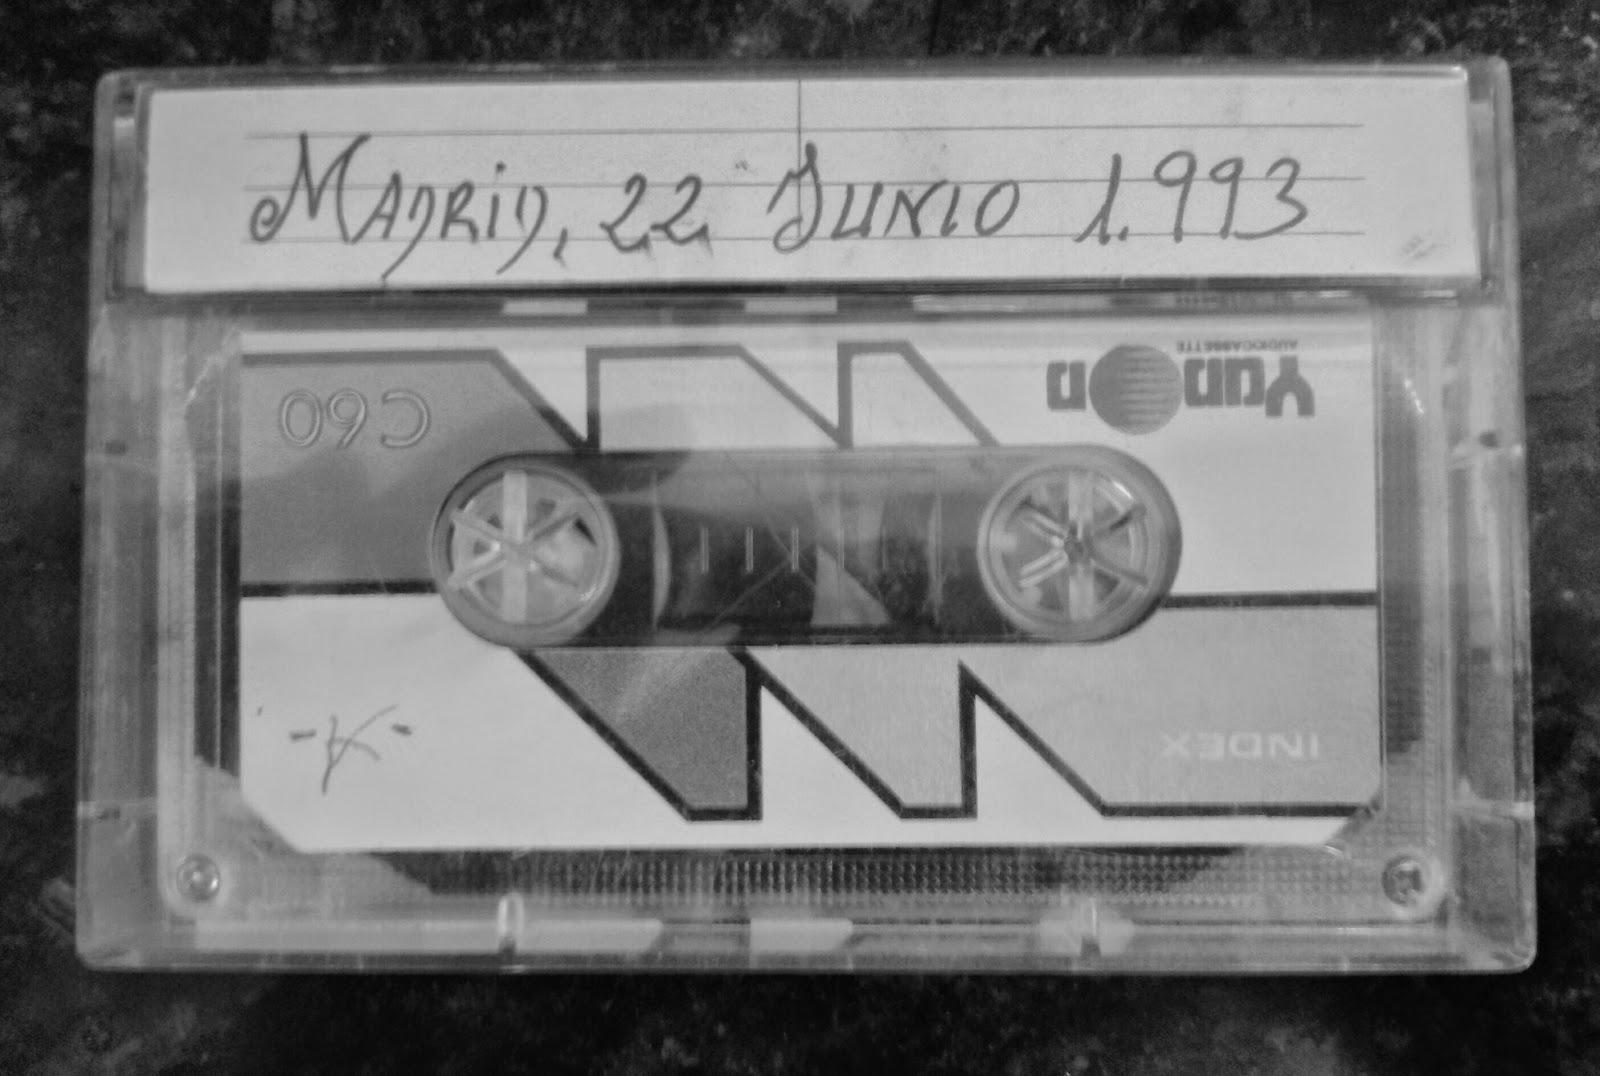 22 junio 1993 para Amarneciendo